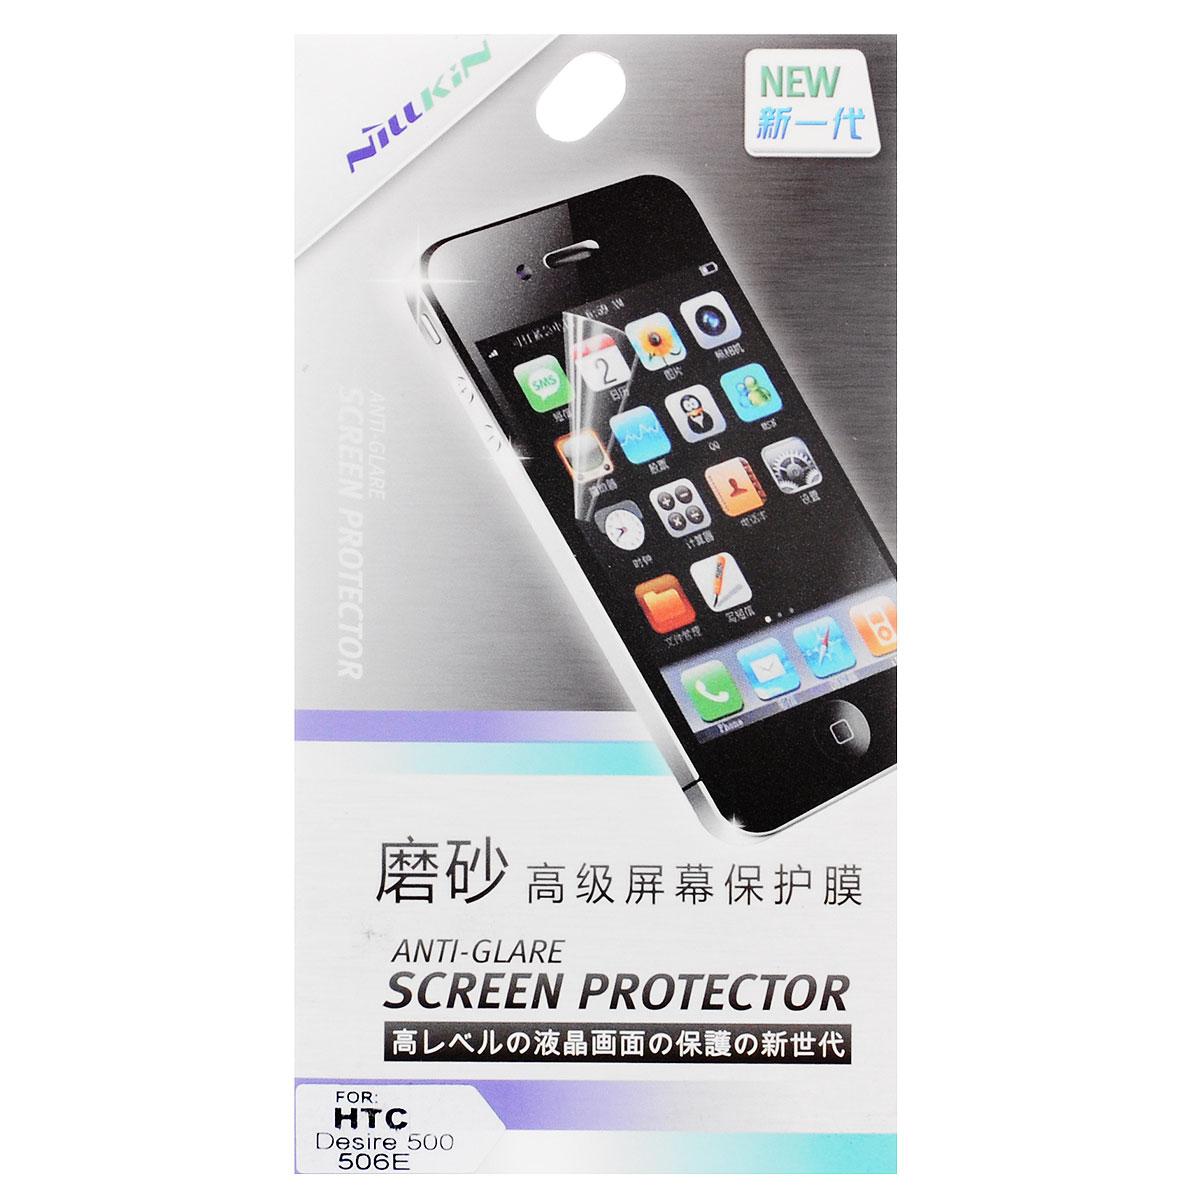 Фото Nillkin Screen Protector защитная пленка для HTC Desire 500, матовая. Купить  в РФ